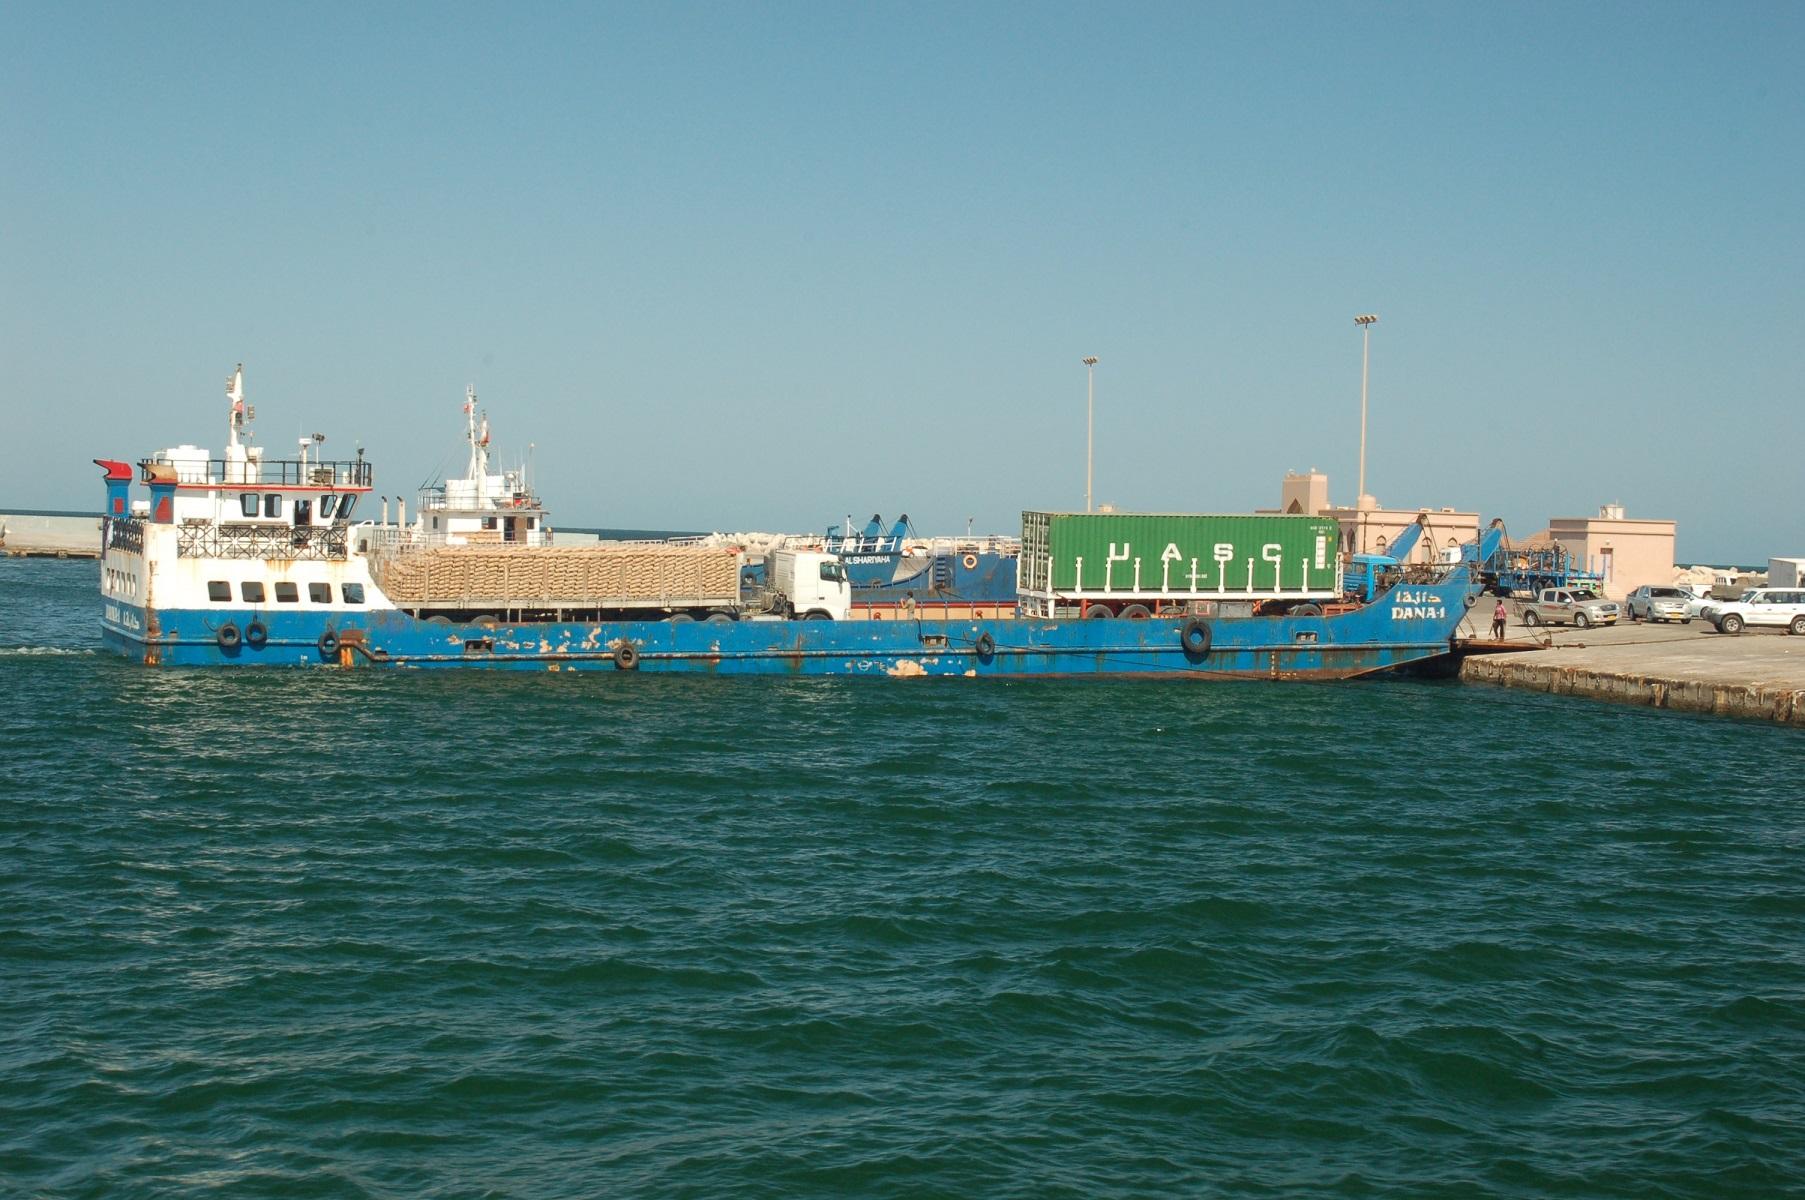 Oman - Mit diesen Fähren geht es Masirah, der Preis für die Hinfahrt ist Verhandlungssache, der für die Rückfahrt reglementiert.